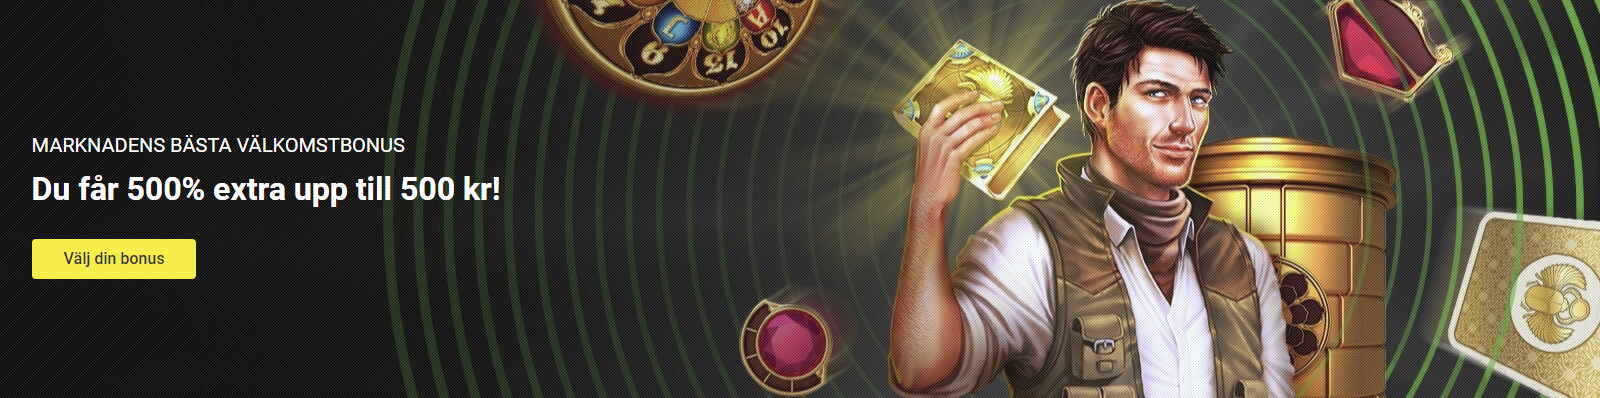 Unibet casino bonus 500% insättningsbonus upp till 500 kr